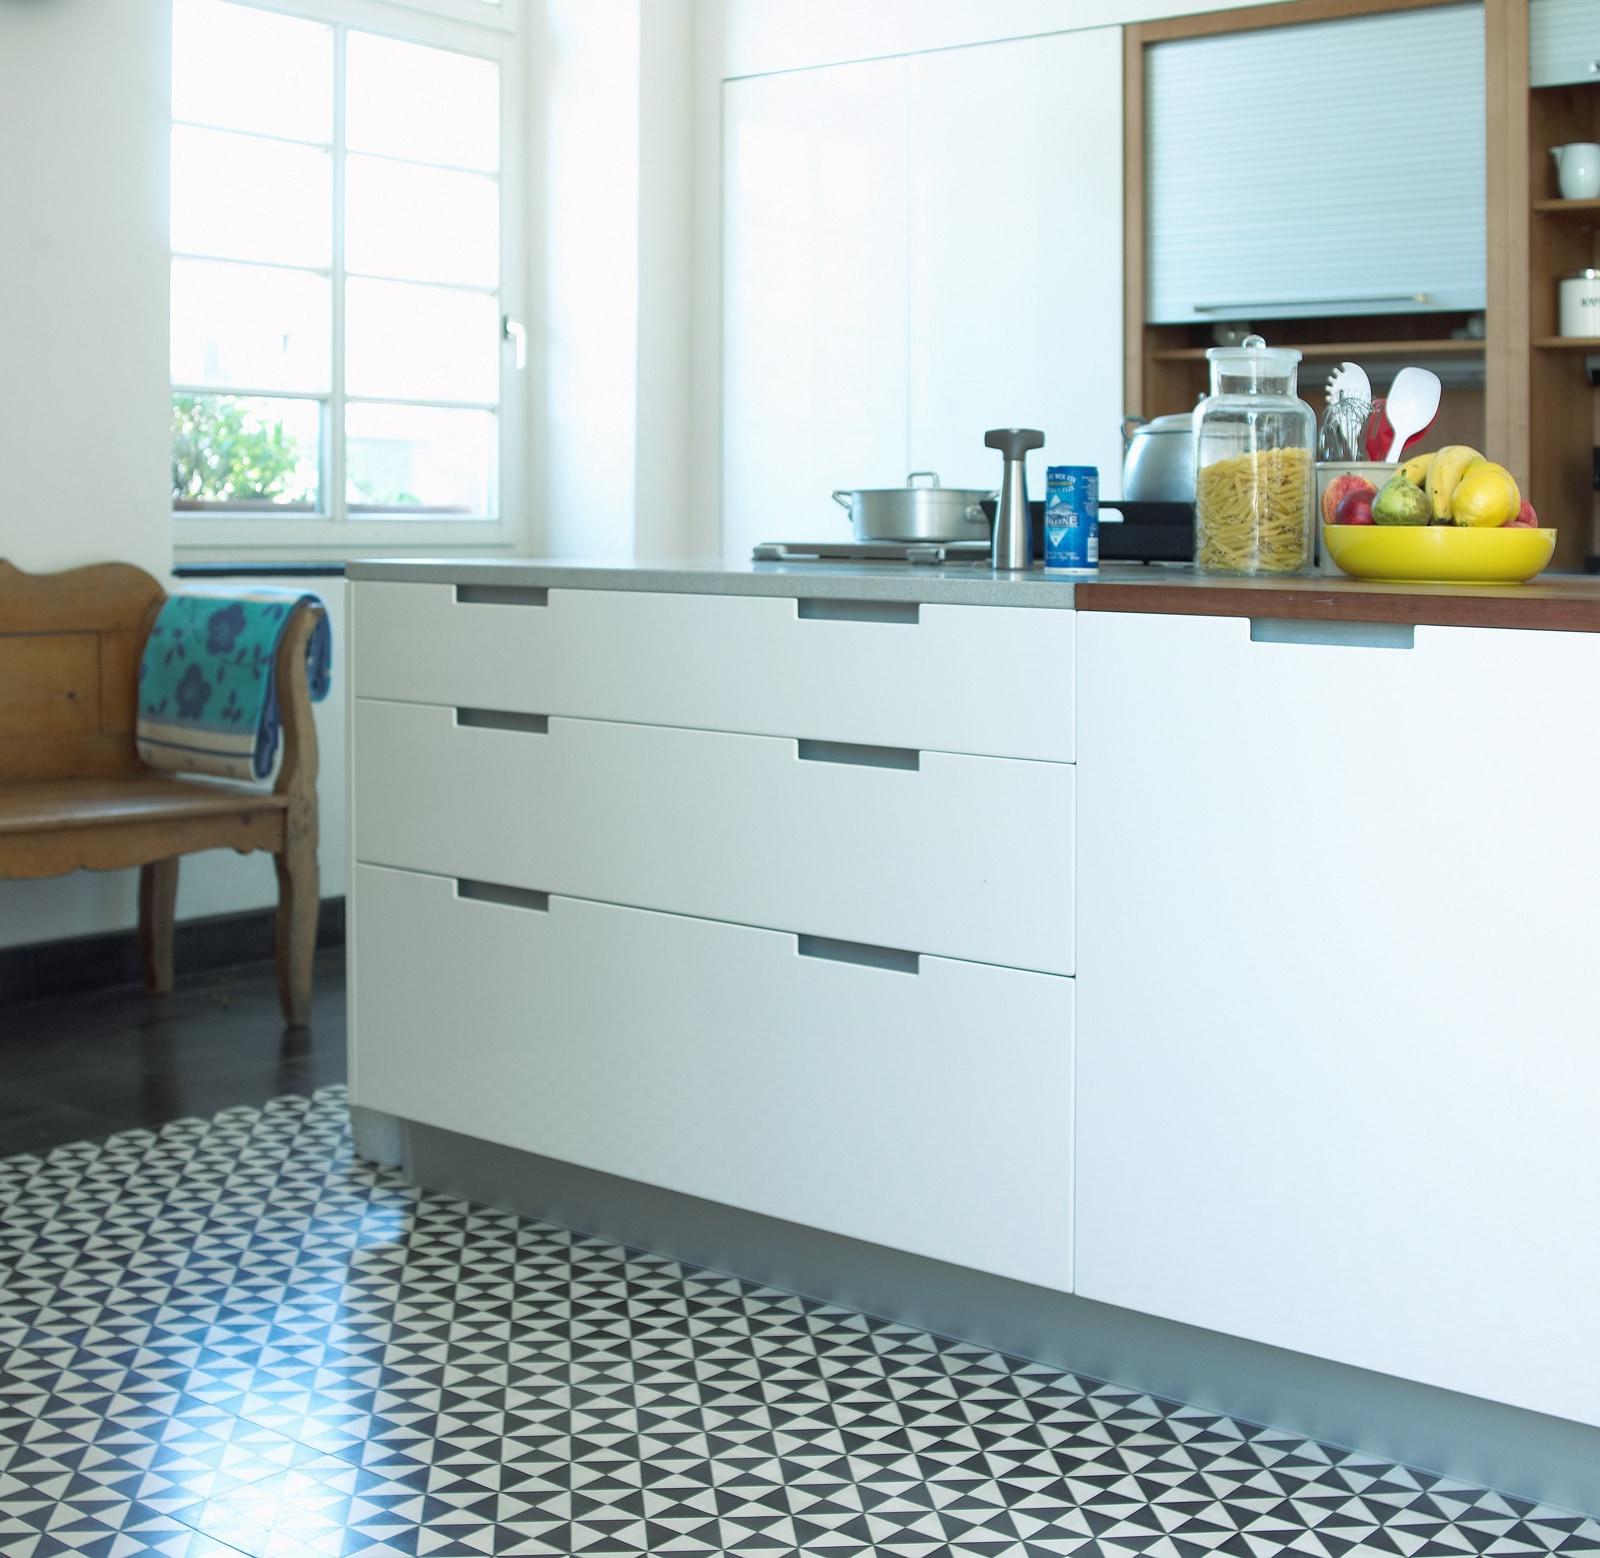 zementmosaikplatte-nummer-10460-kueche-02-gmbh | 10460